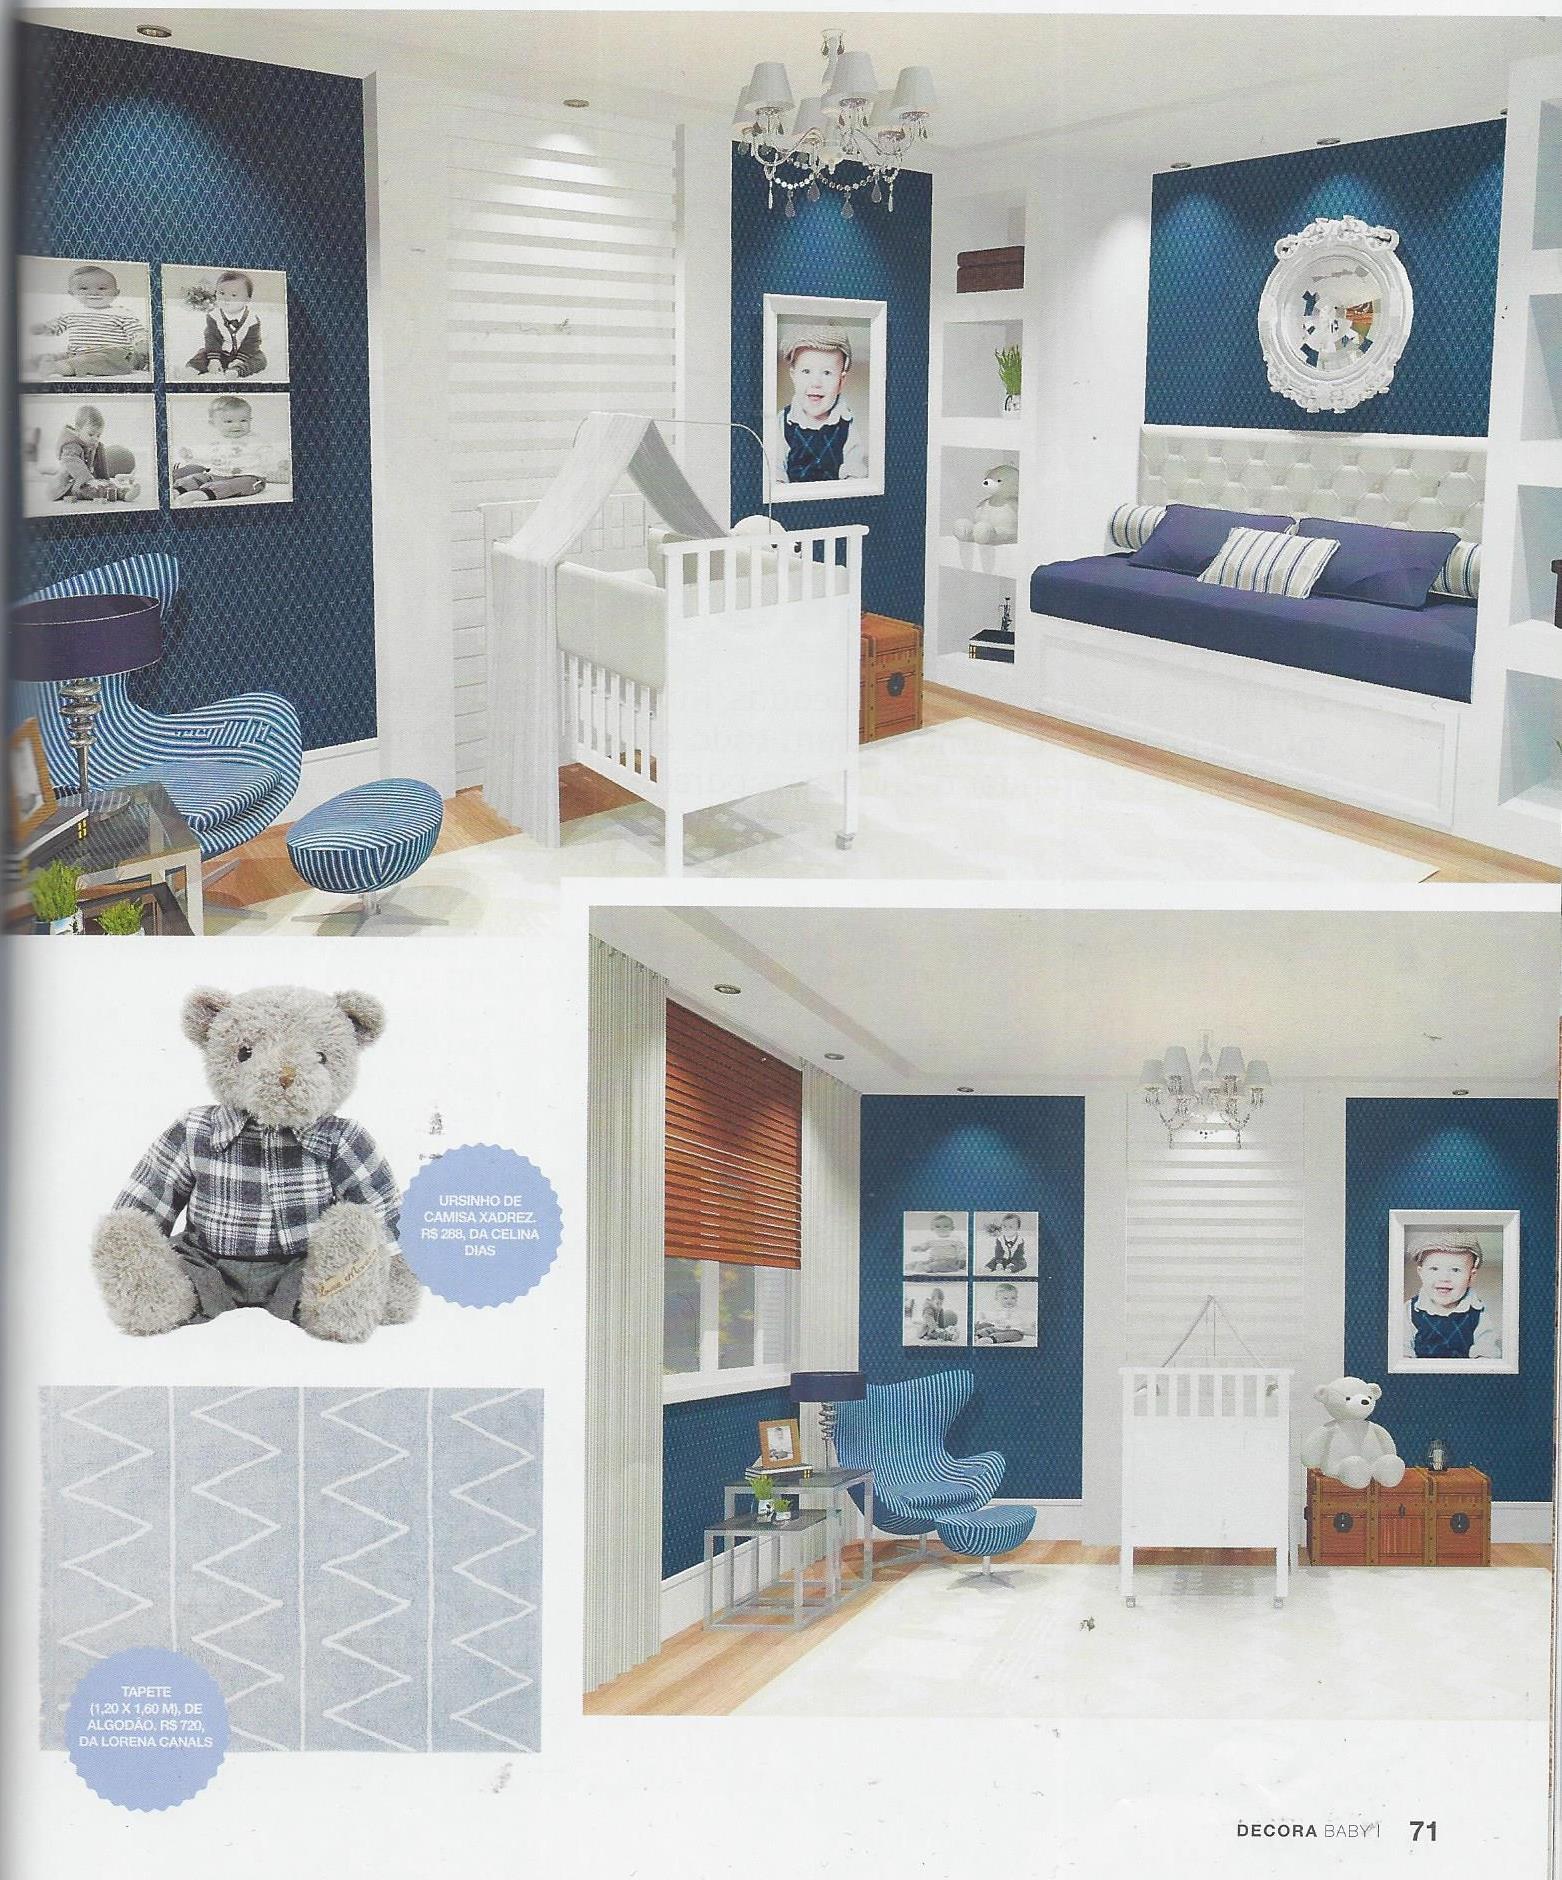 projeto-de-decoracao-de-quarto-de-bebe-decora-baby-edicao-85-projeto-02